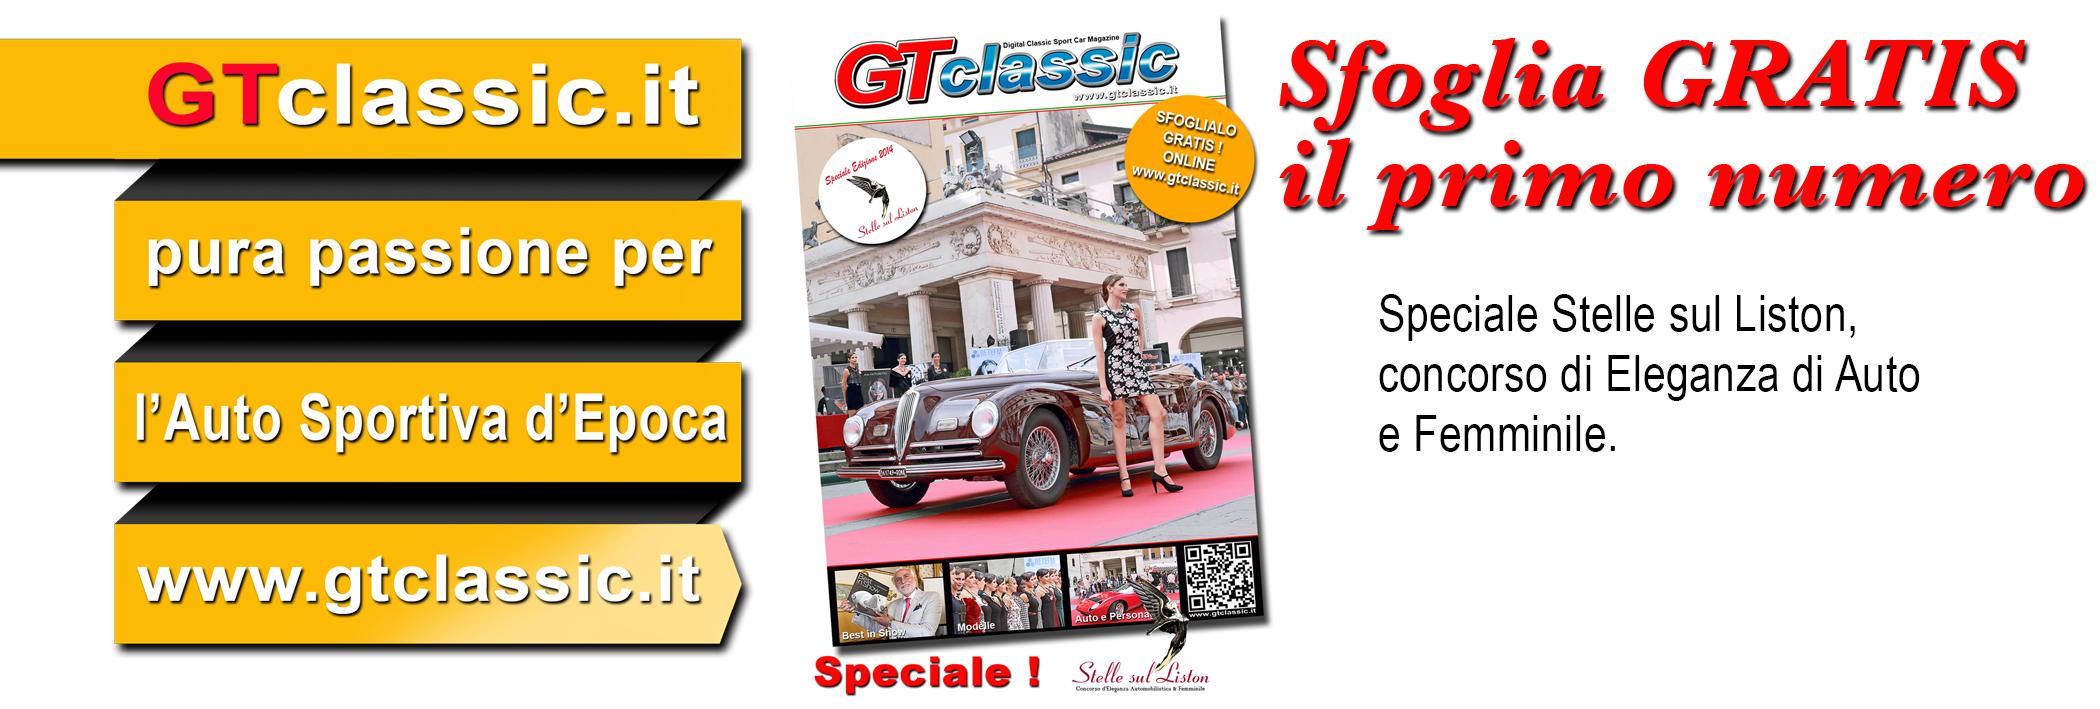 GTCLASSIC-SFOGLIA-IL-PRIMO-NUMERO